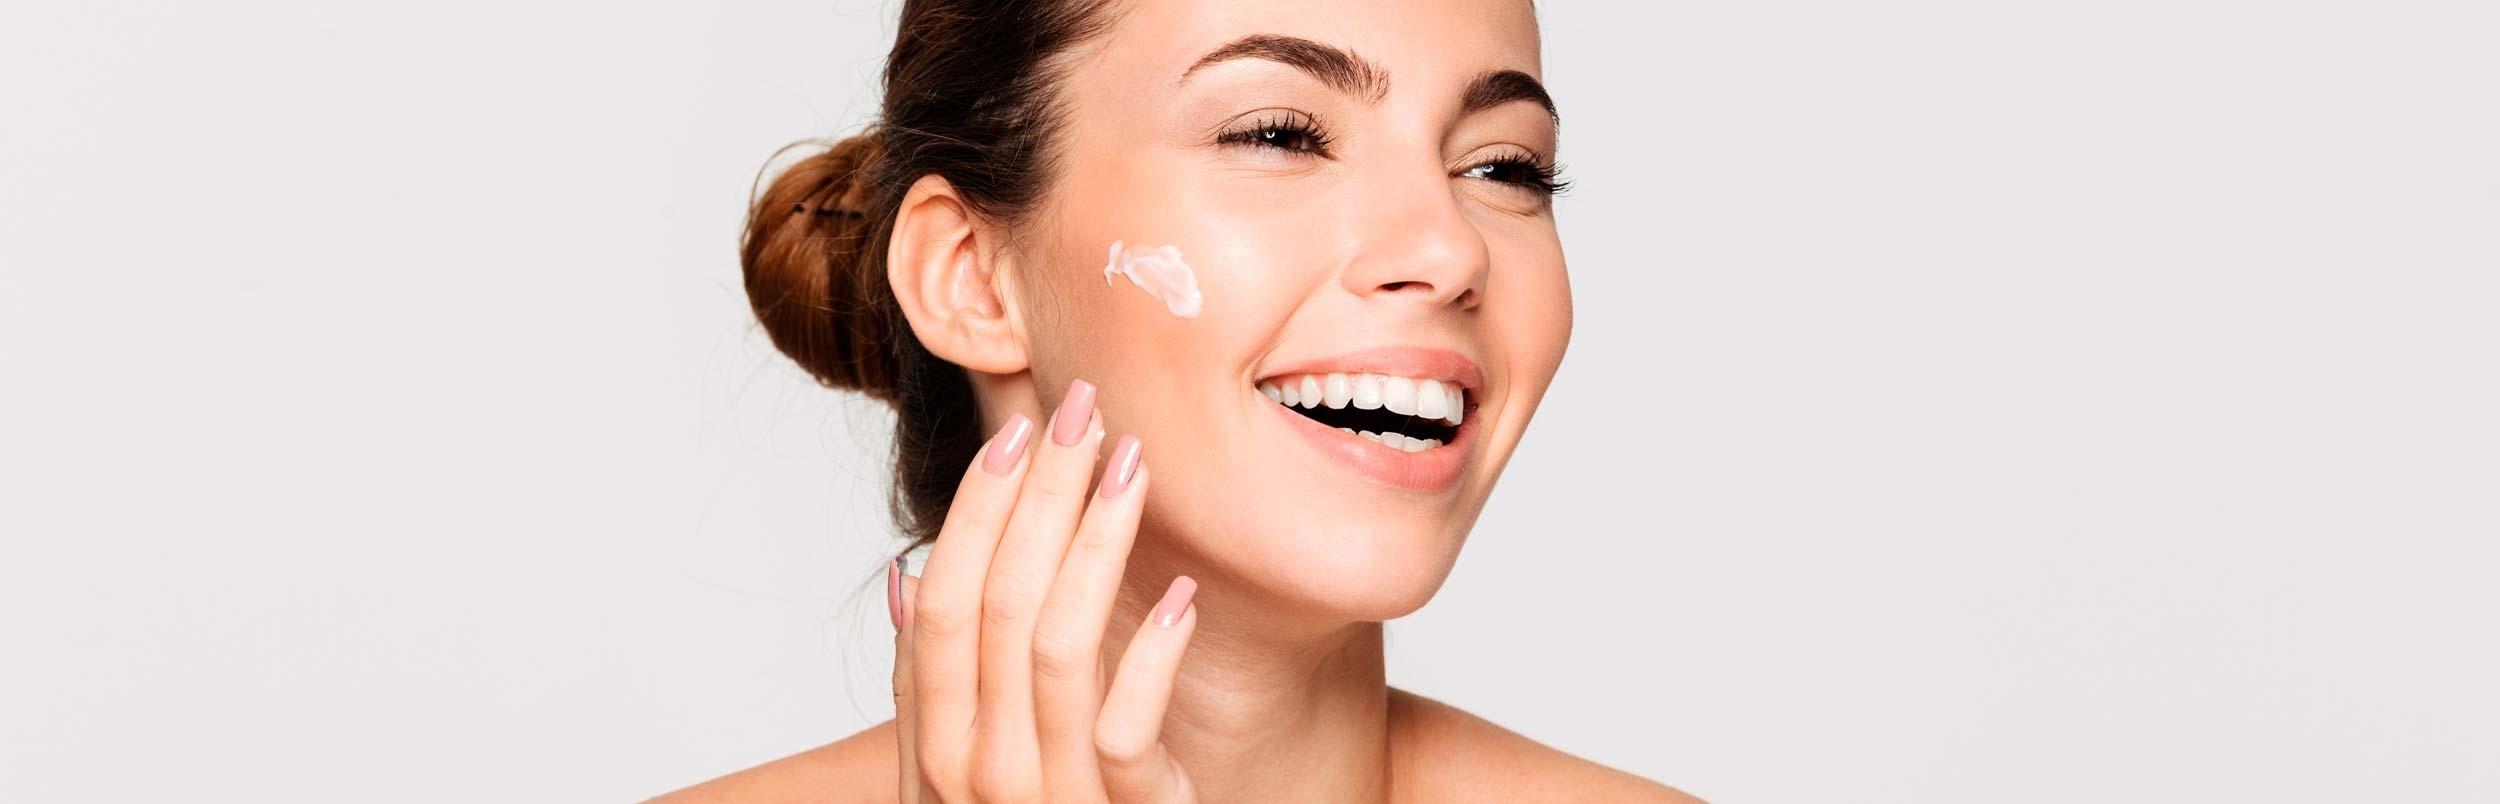 Trockene Haut – ZO® Skin Health Produkte